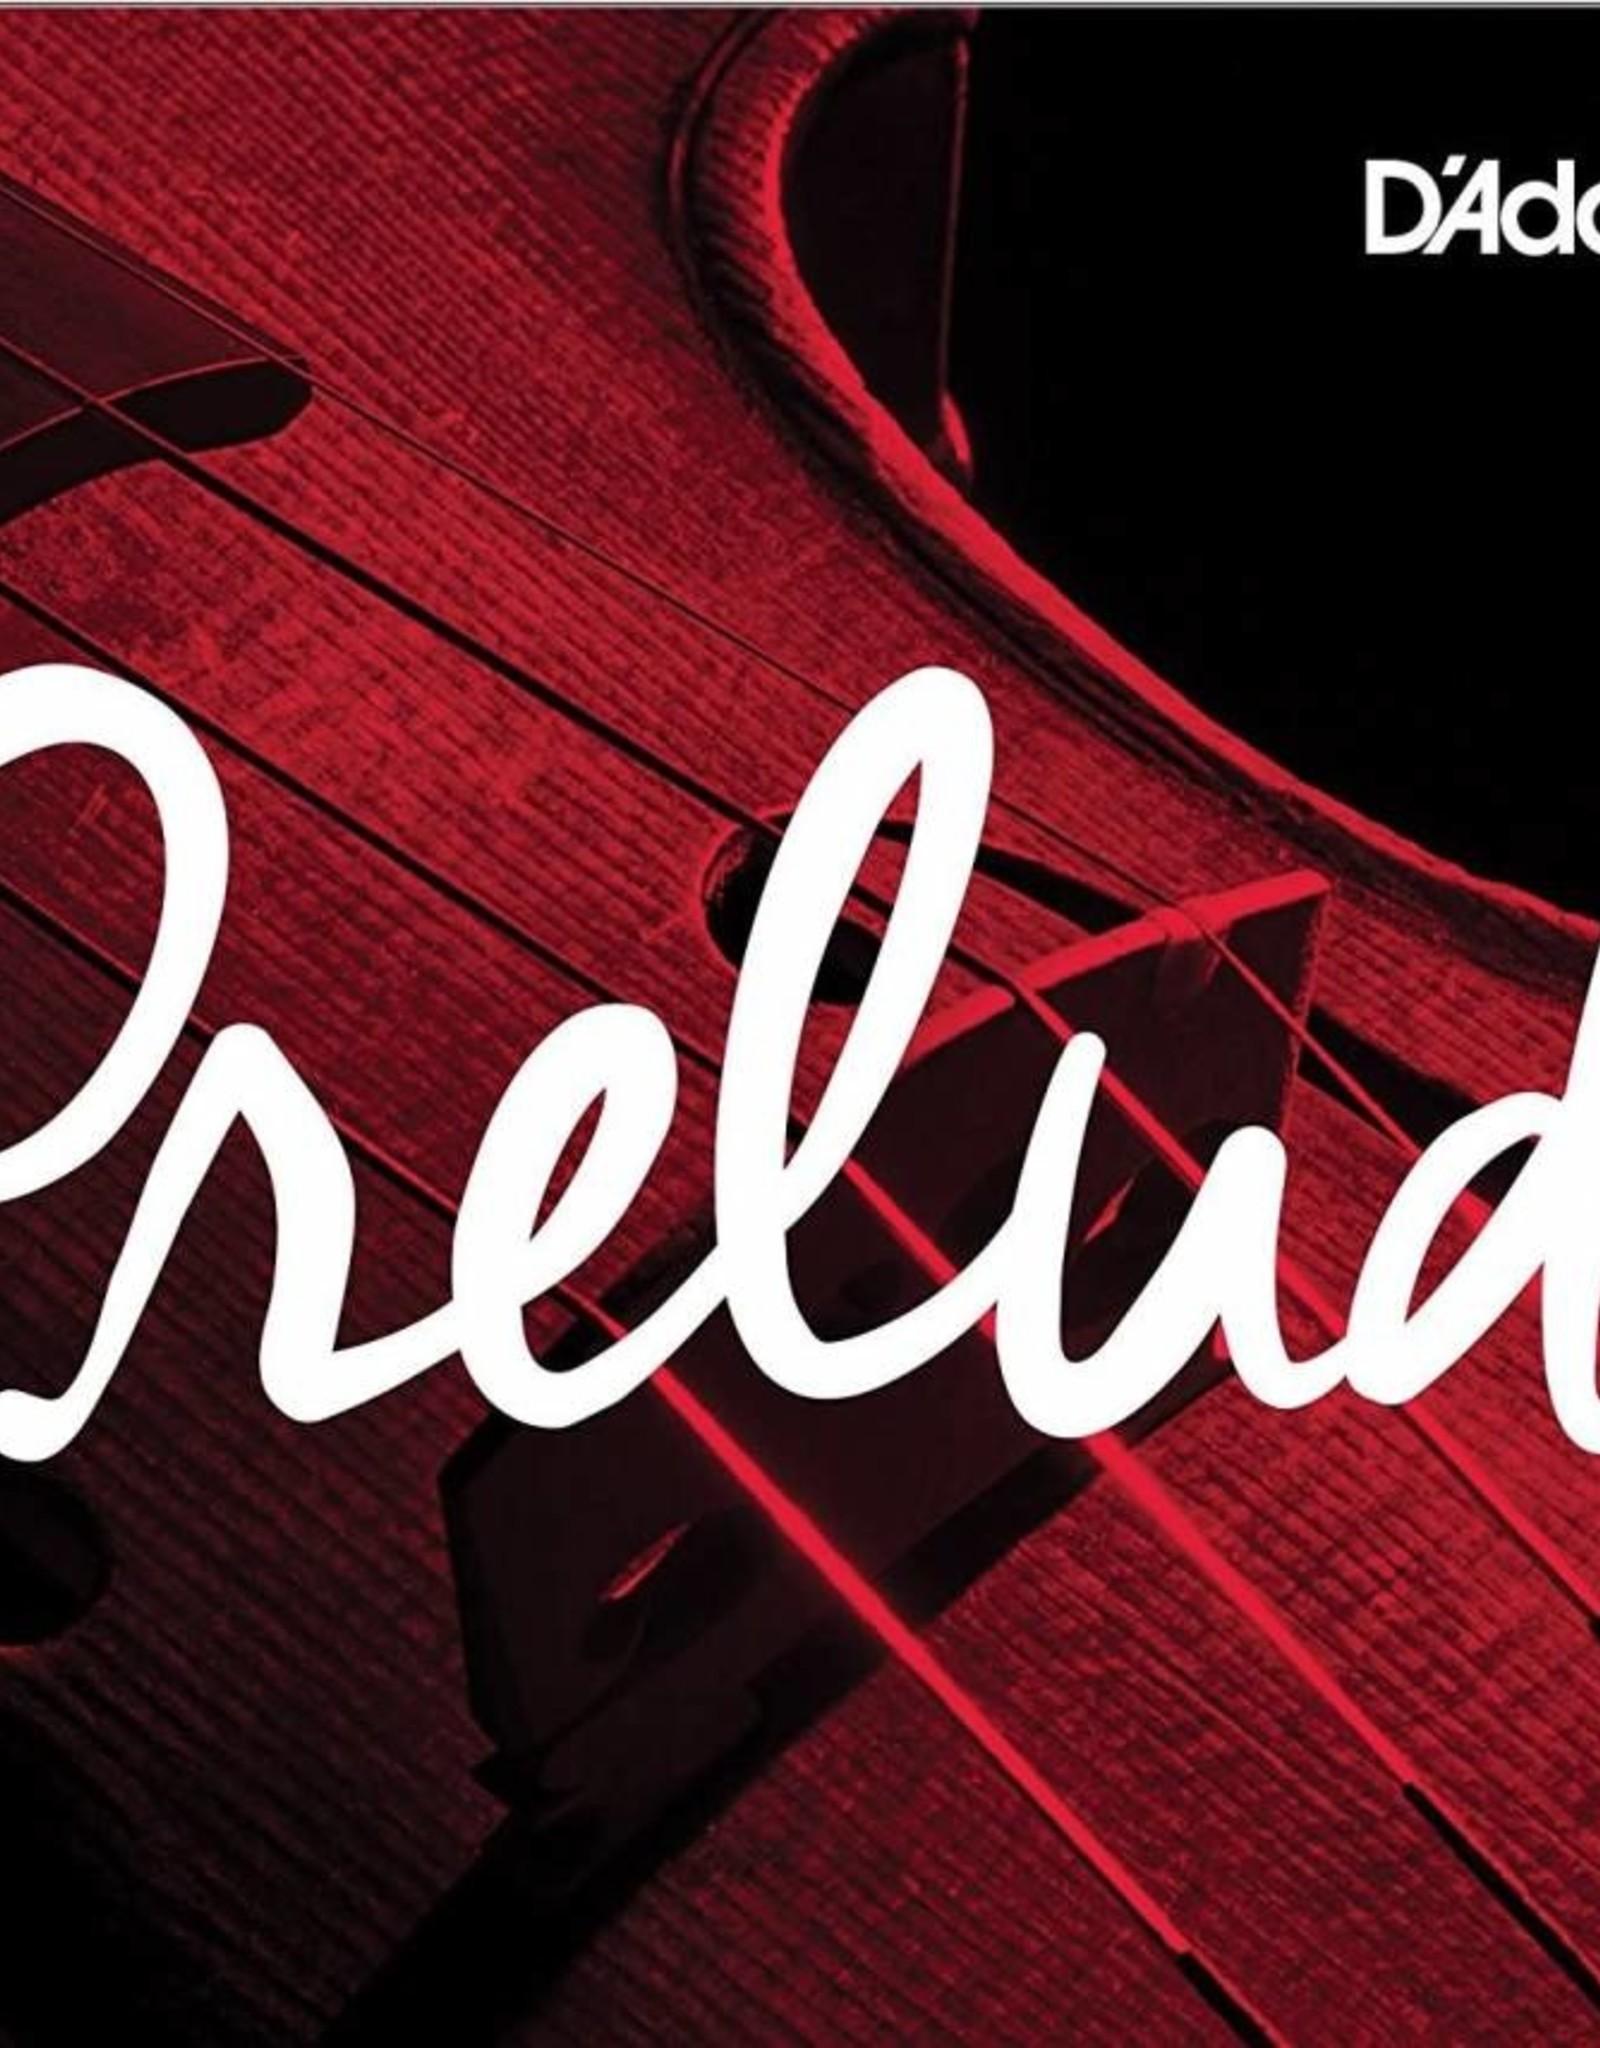 D'Addario D'Addario Prelude Cello String Set, 4/4 Scale, Medium Tension